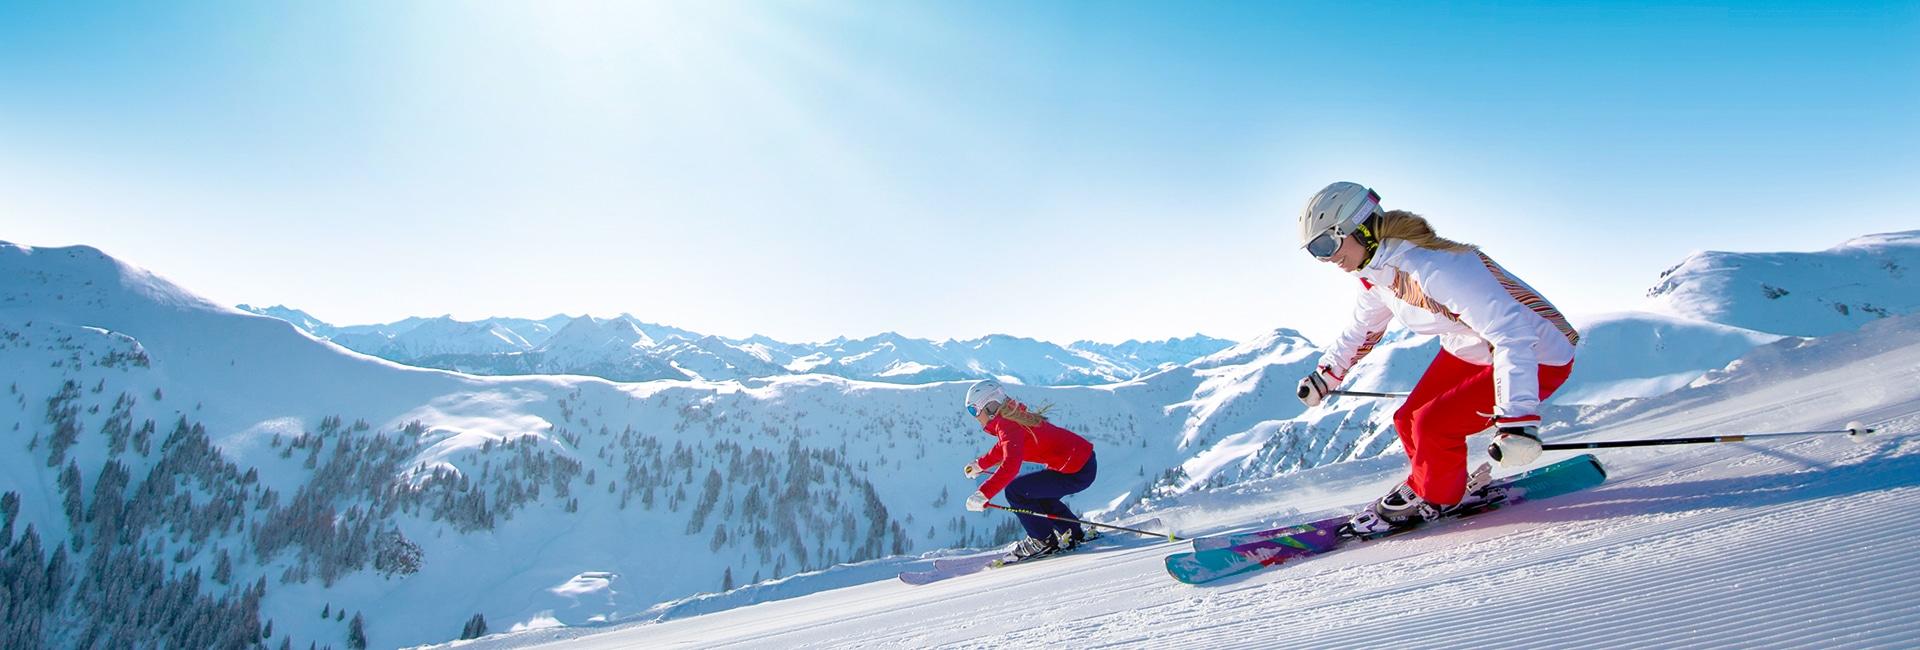 Skiurlaub in Ski amadé, Winterurlaub in Wagrain am Blankgut, Salzburger Land